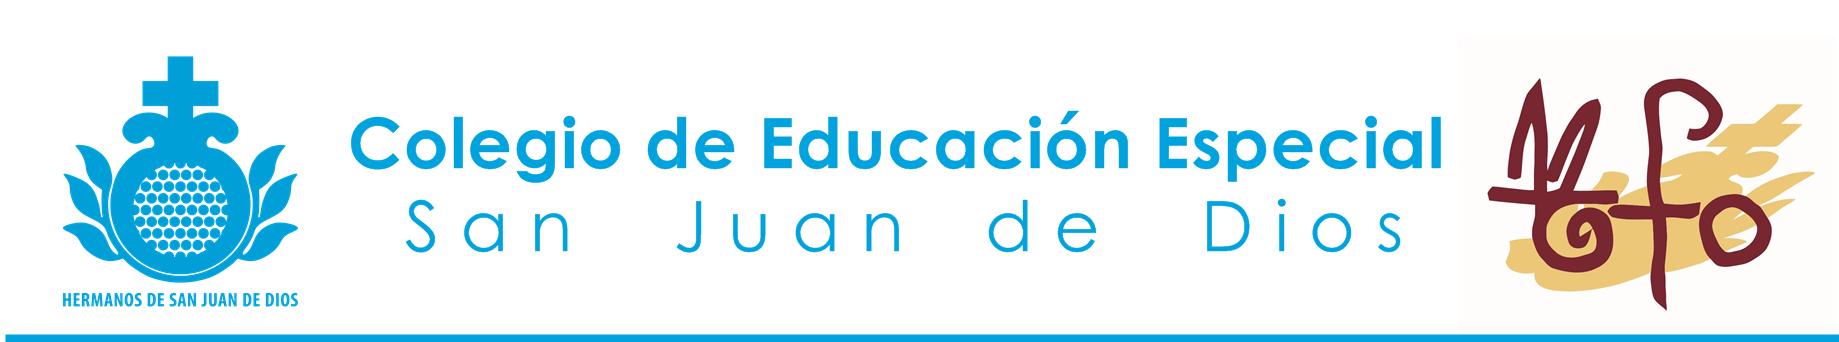 Colegio de Educación Especial